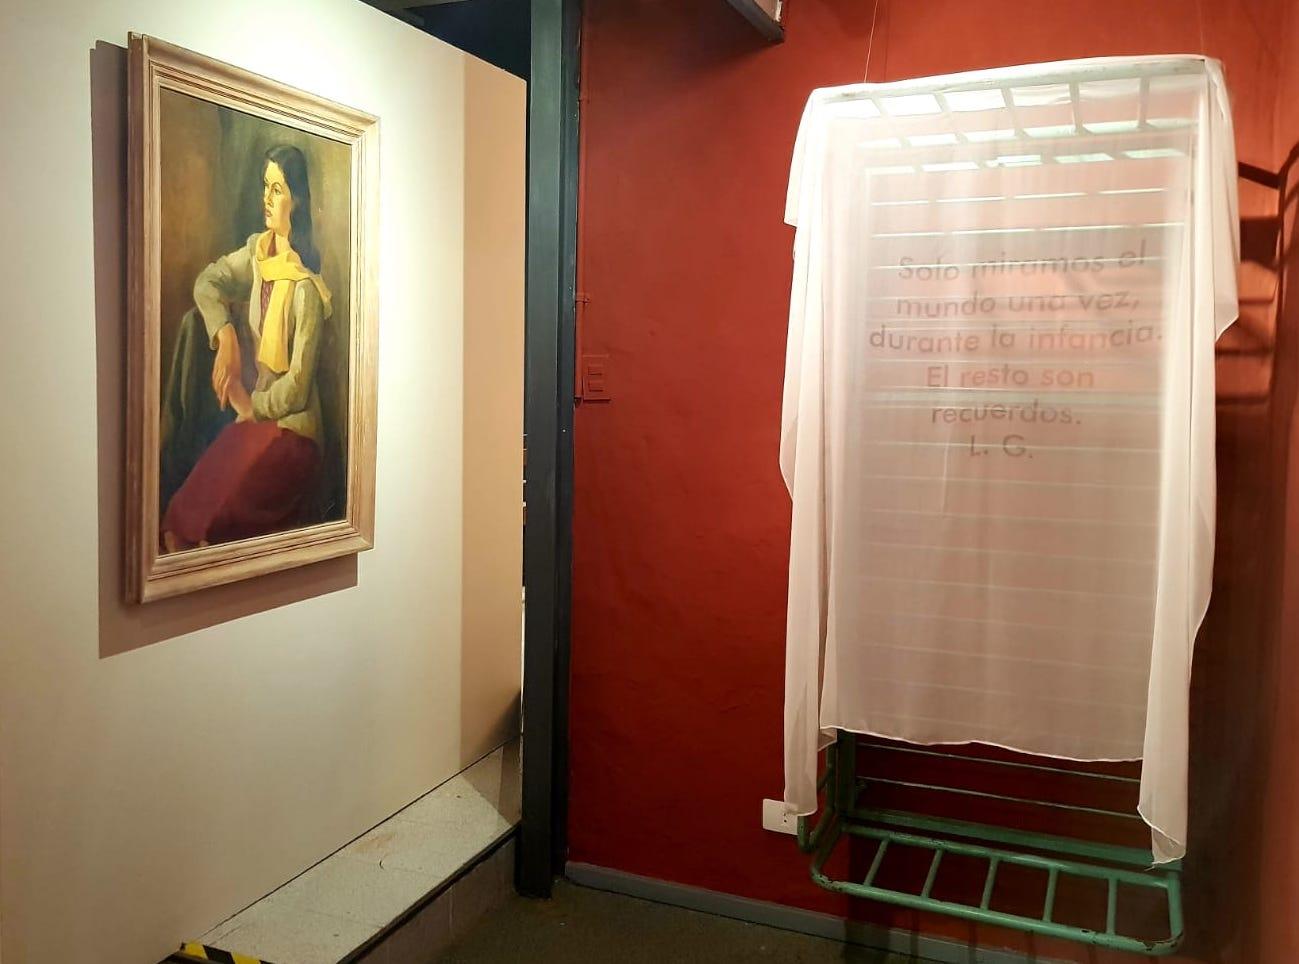 Obras de Ofelia Echagüe Kunos y Alfredo Quiroz. Cortesía CAV/Museo del Barro